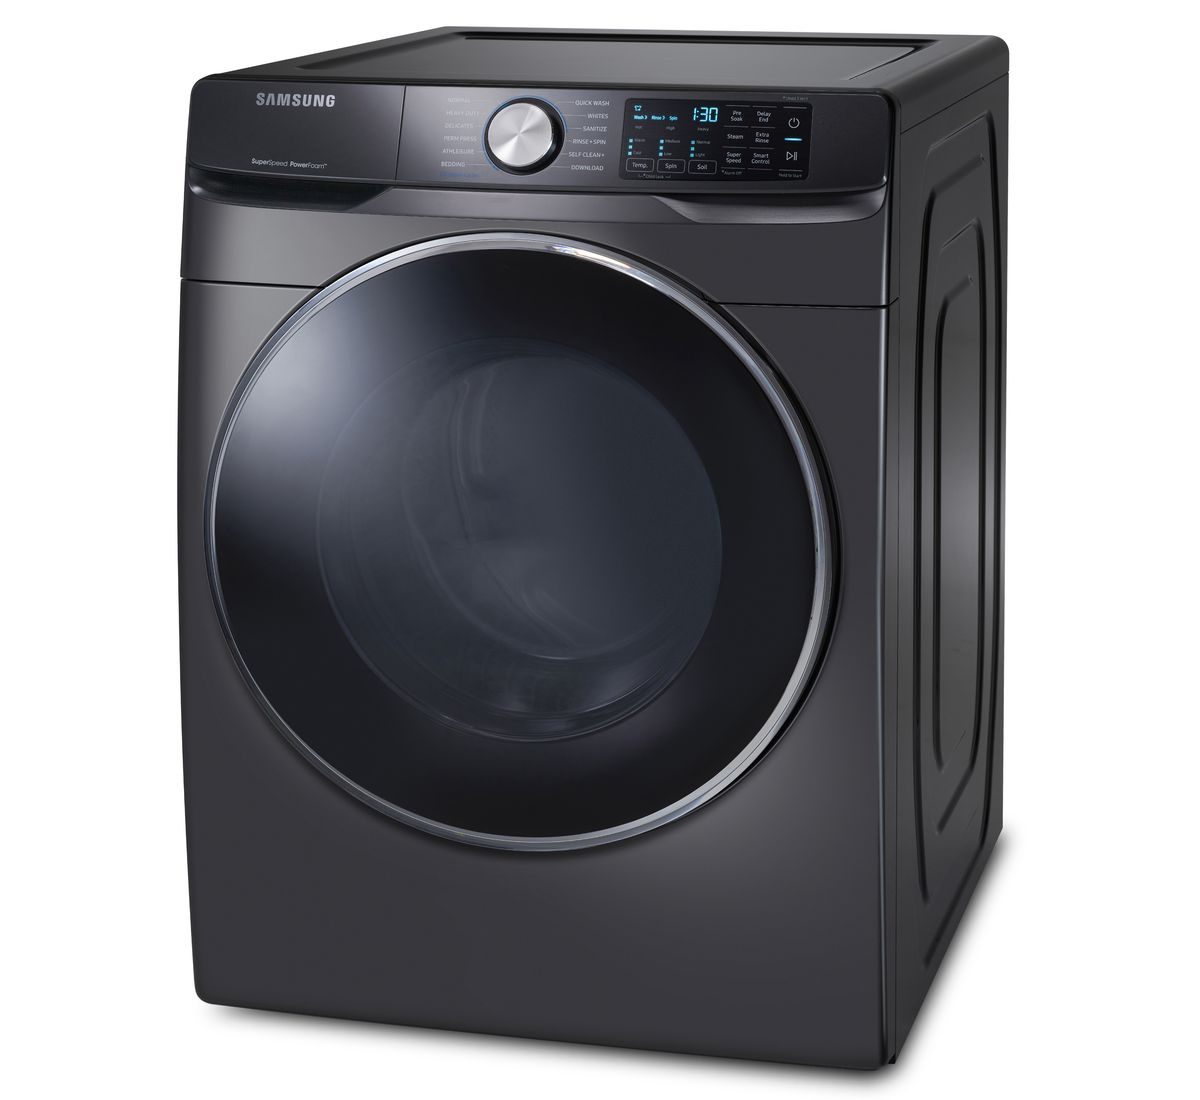 Pralni stroj Samsung, ki ima super način delovanja za hitrejše pranje perila.